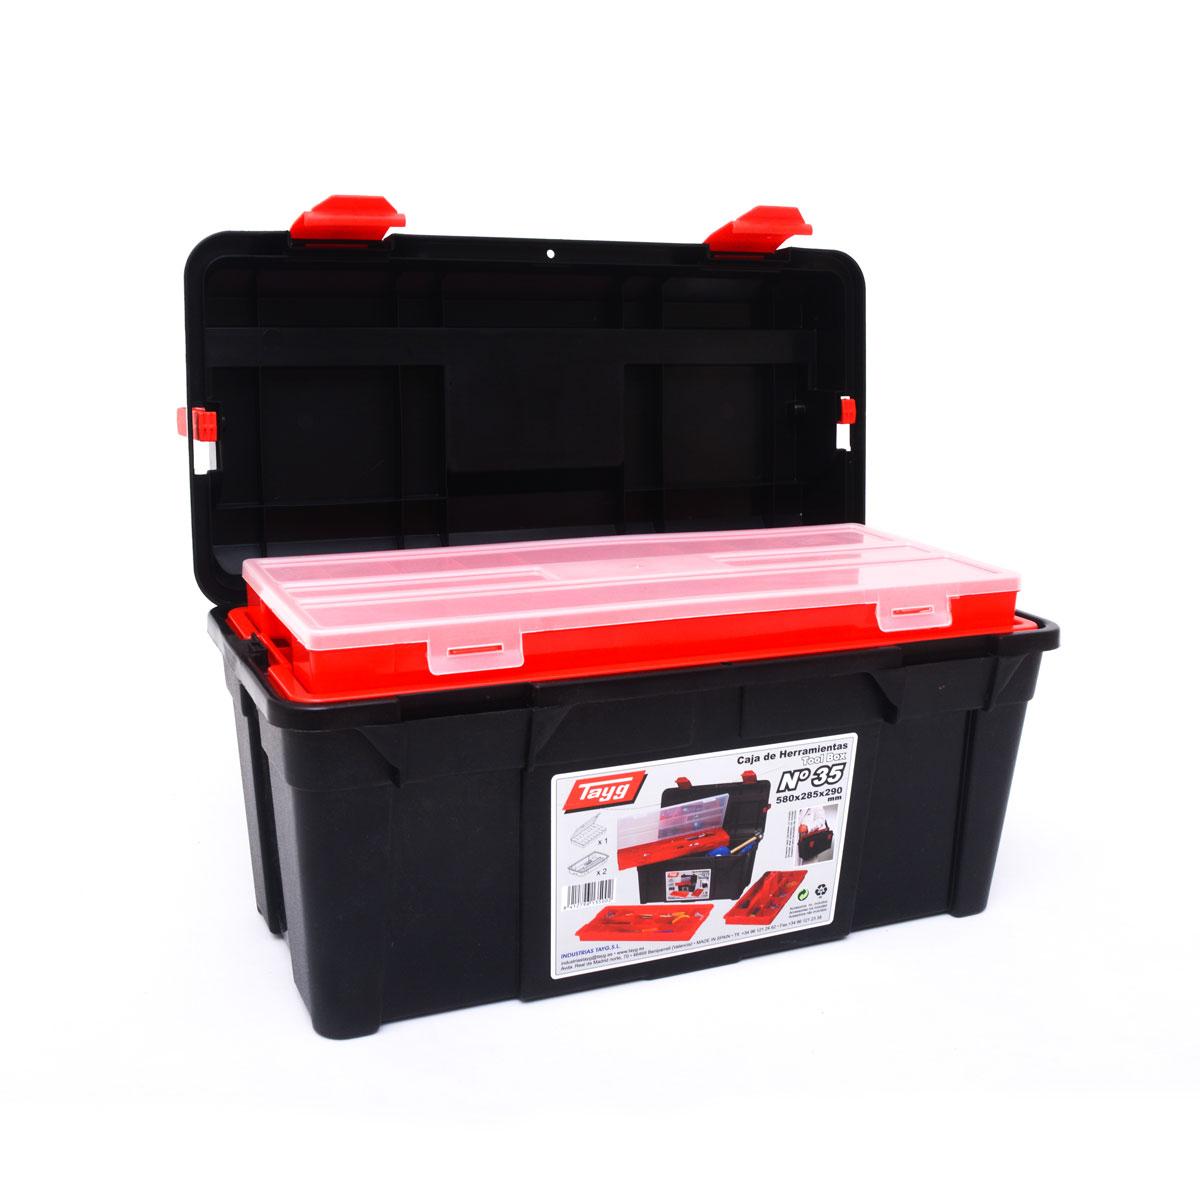 جعبه ابزار تایگ مدل N 35 (2)